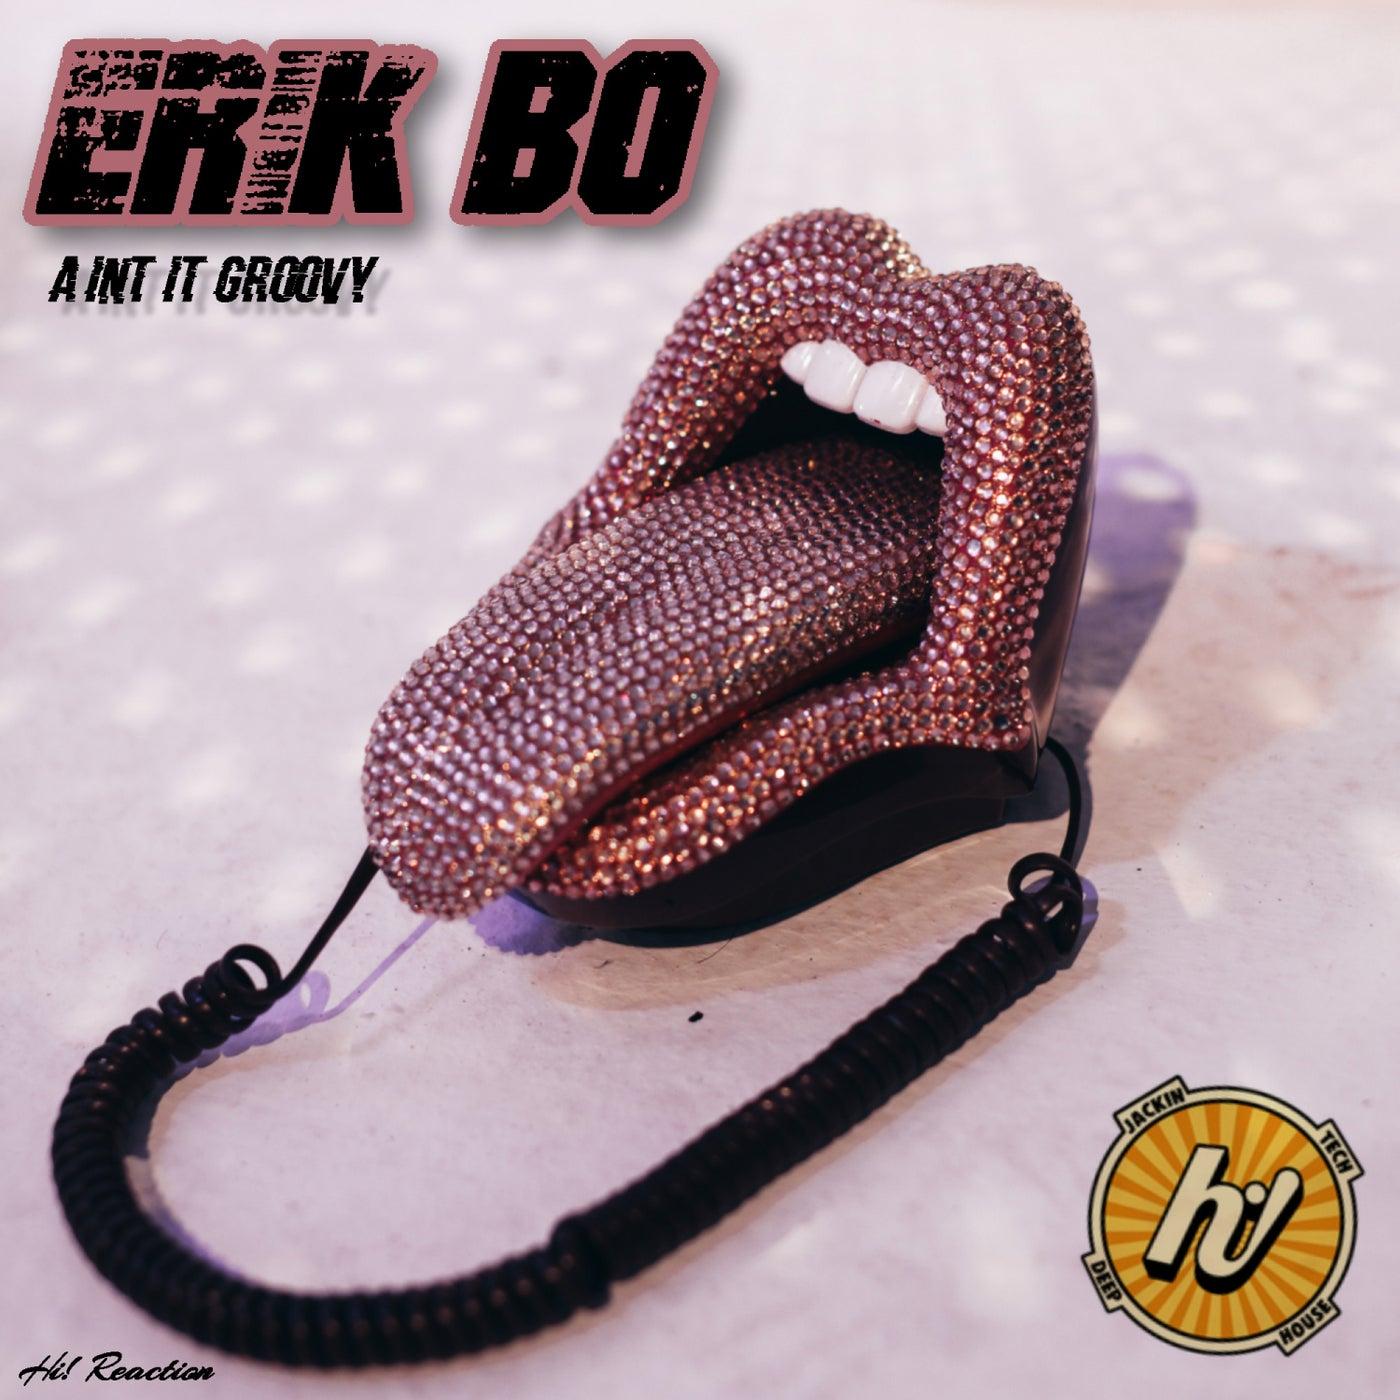 Ain't It Groovy (Original Mix)